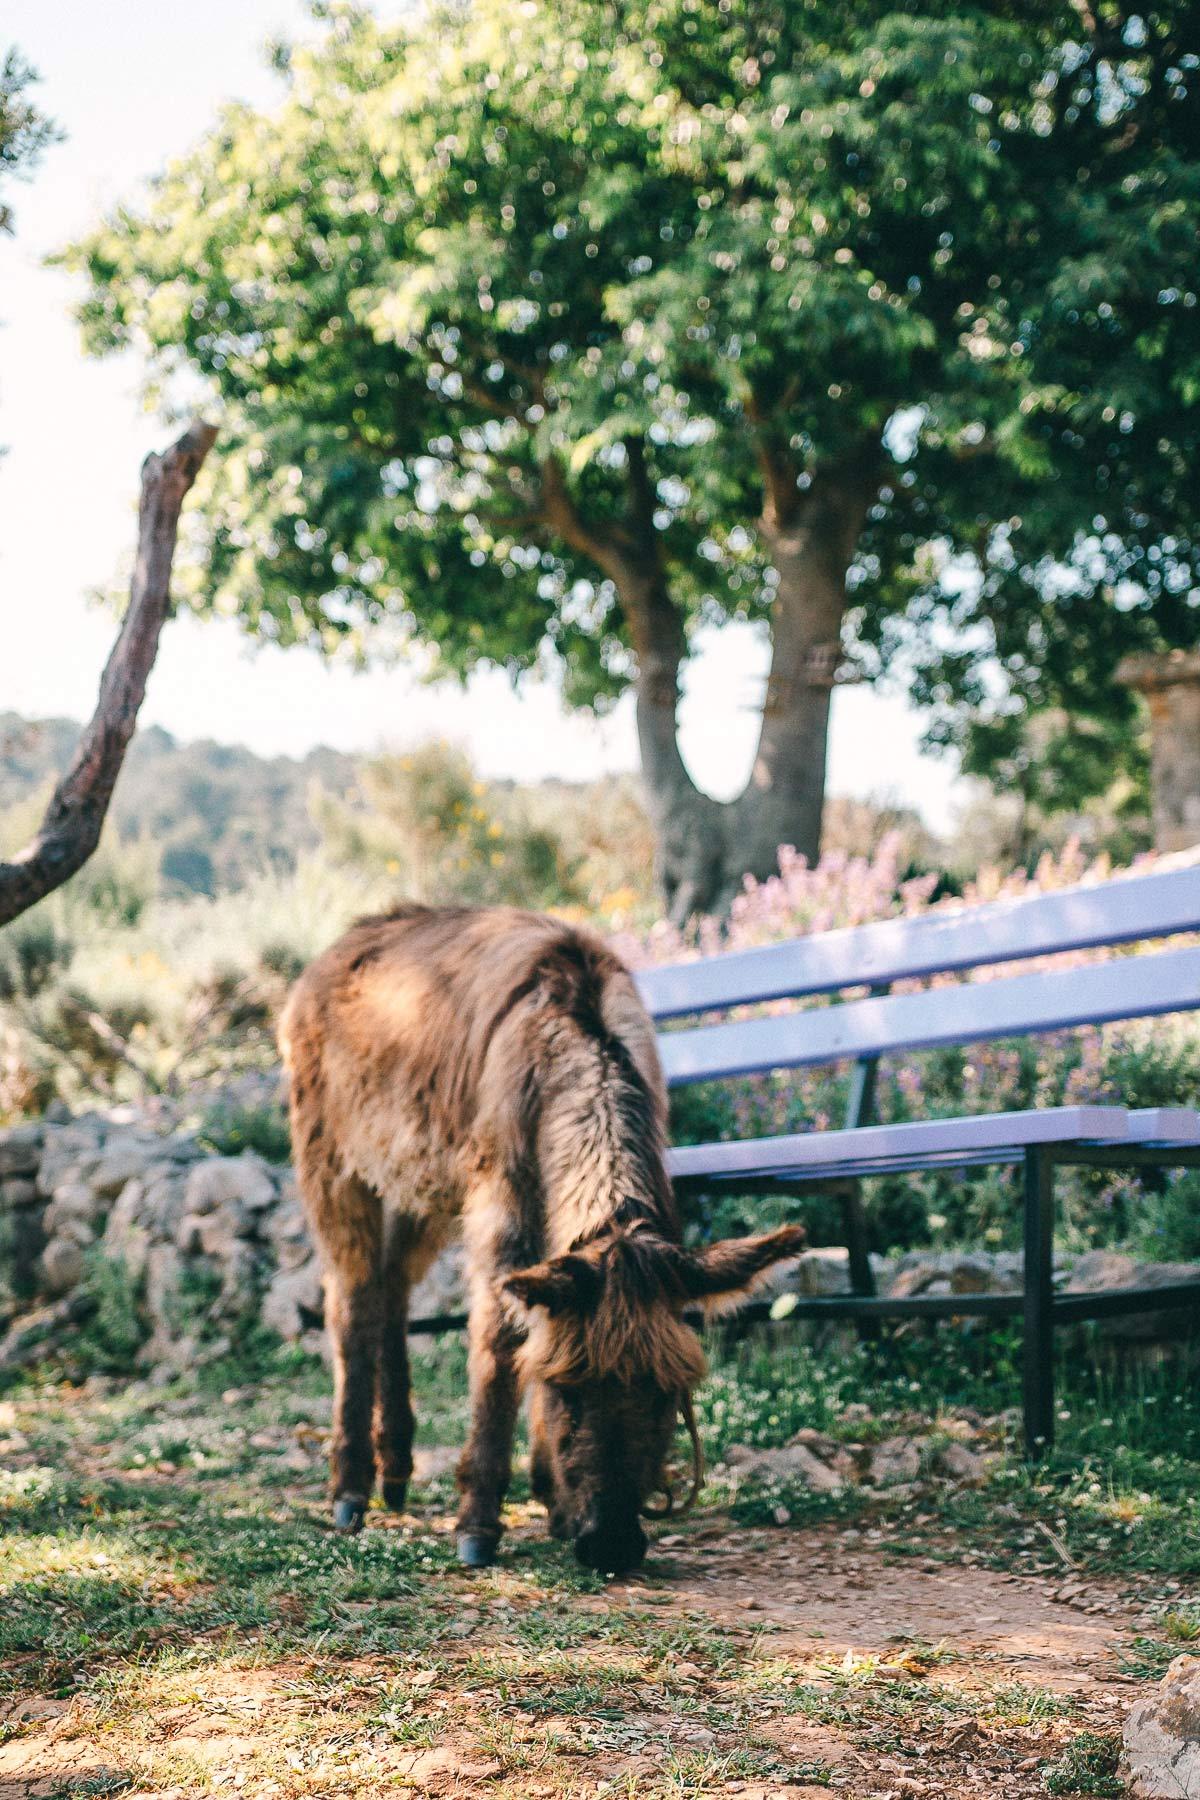 So süß! Ein kleiner Esel im Kräutergarten